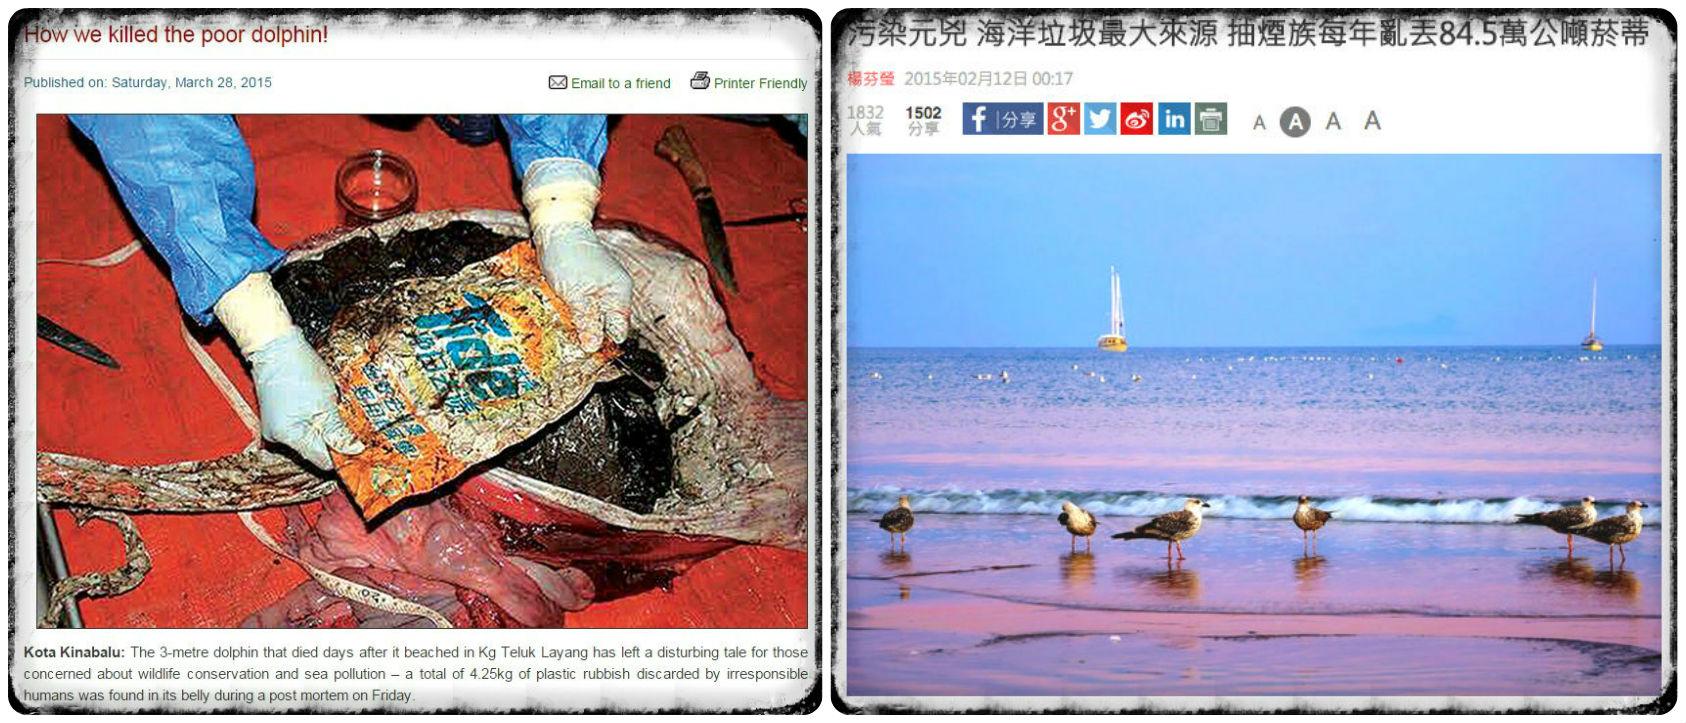 相關報導:污染元兇 海洋垃圾最大來源 抽煙族每年亂丟84.5萬公噸菸蒂 http://bit.ly/1Ddi9z1:How we killed the poor dolphin! http://goo.gl/MDSU1Q